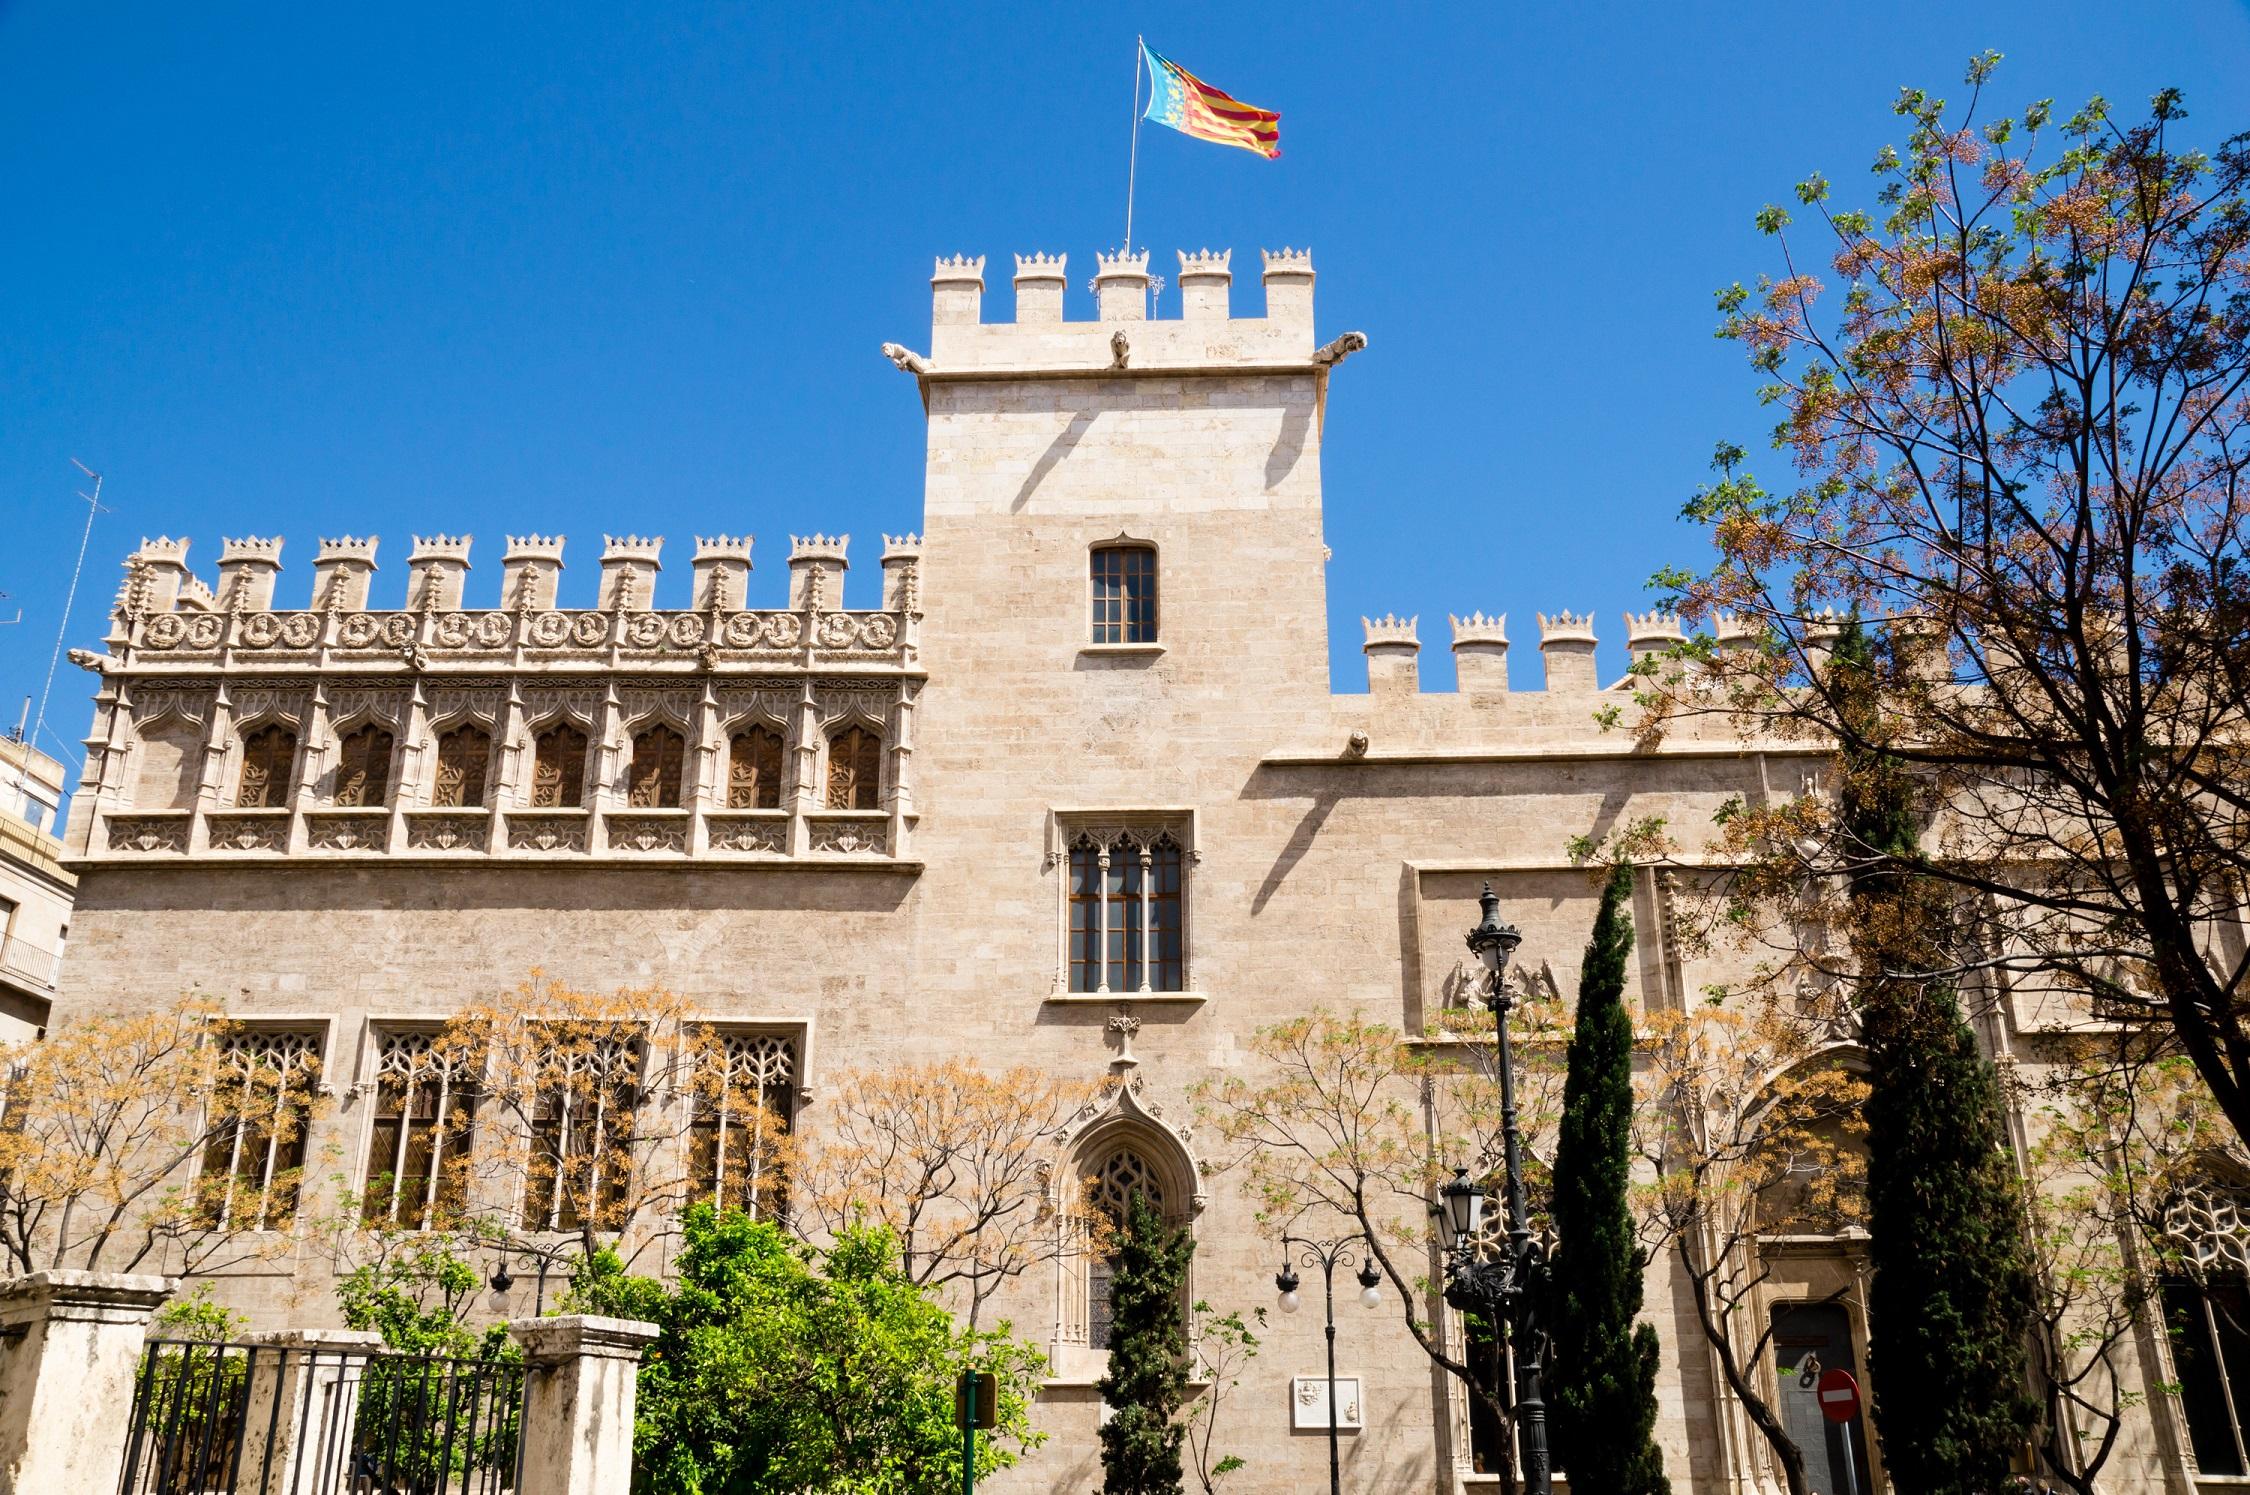 Fuente: www.visitasguiadasvalencia.com (Para visitas y guías turísticas por Valencia).